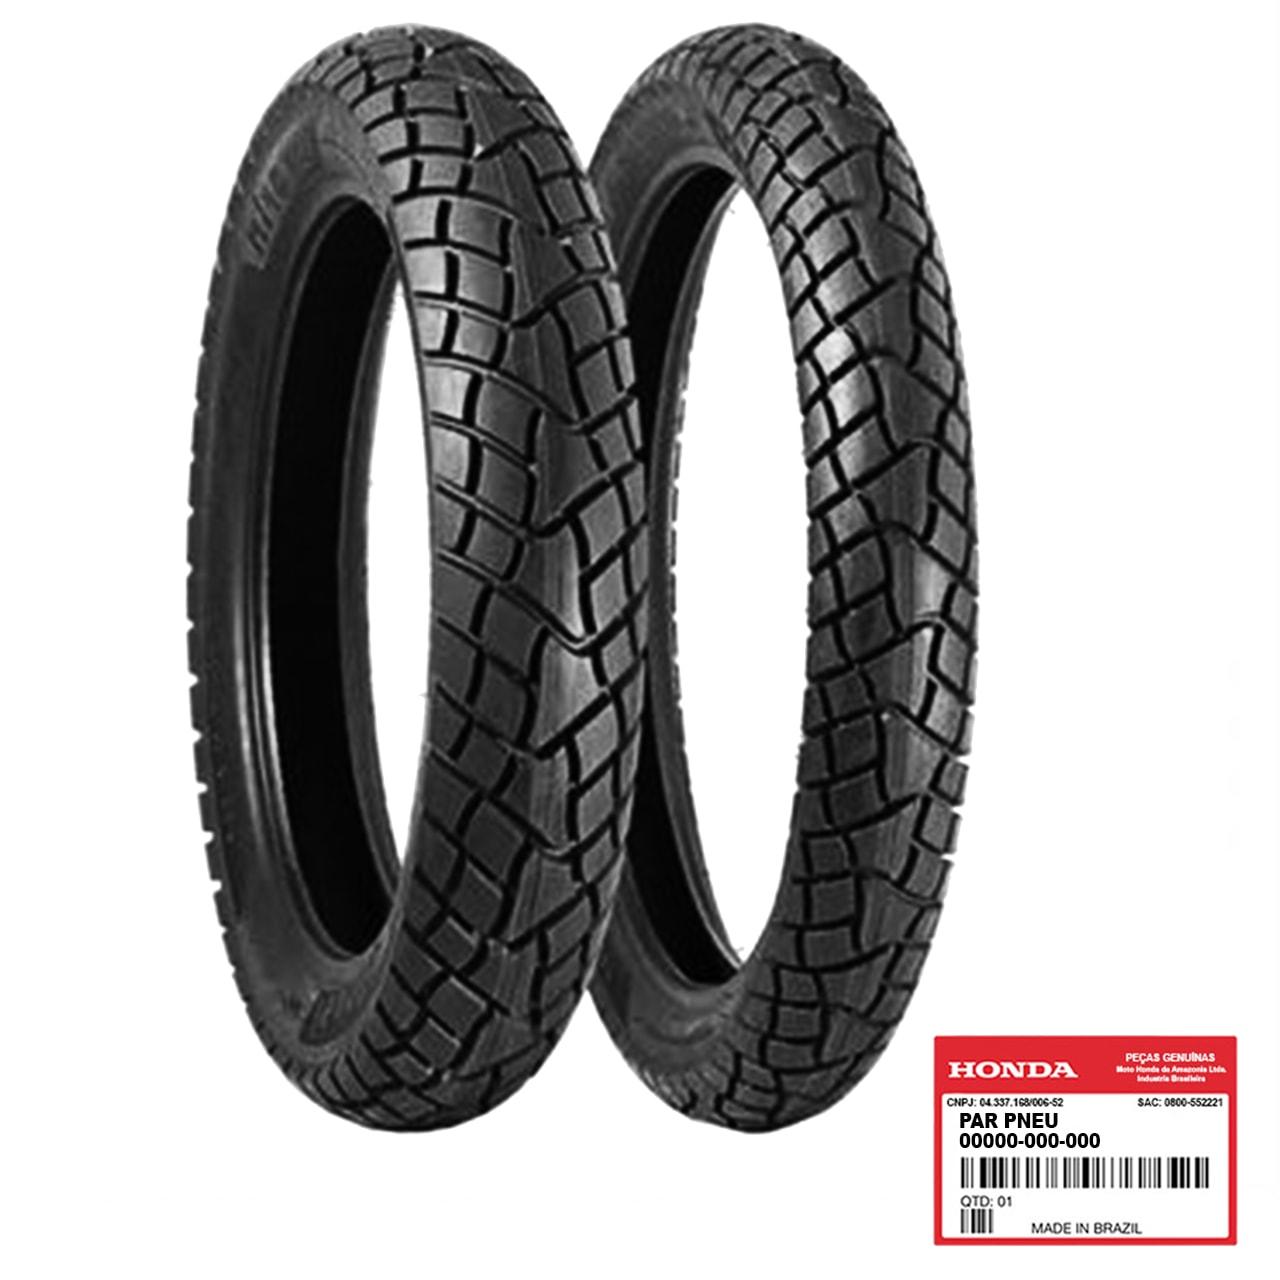 Par Pneu BROS 160 150 125 Pirelli